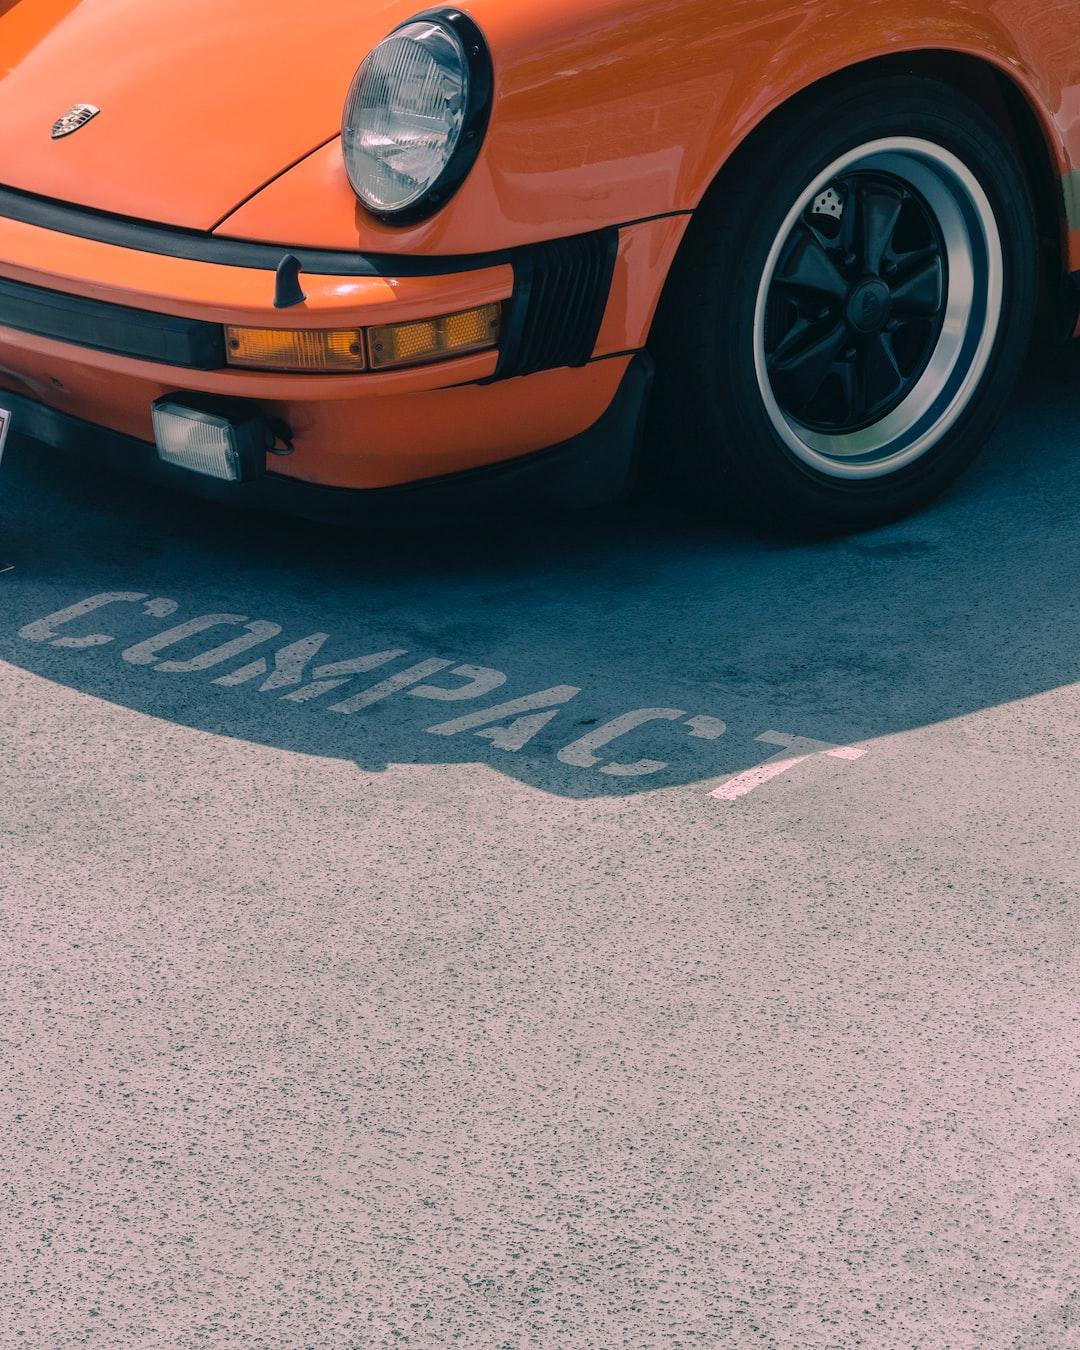 Puget Sound Porsche Club 2017